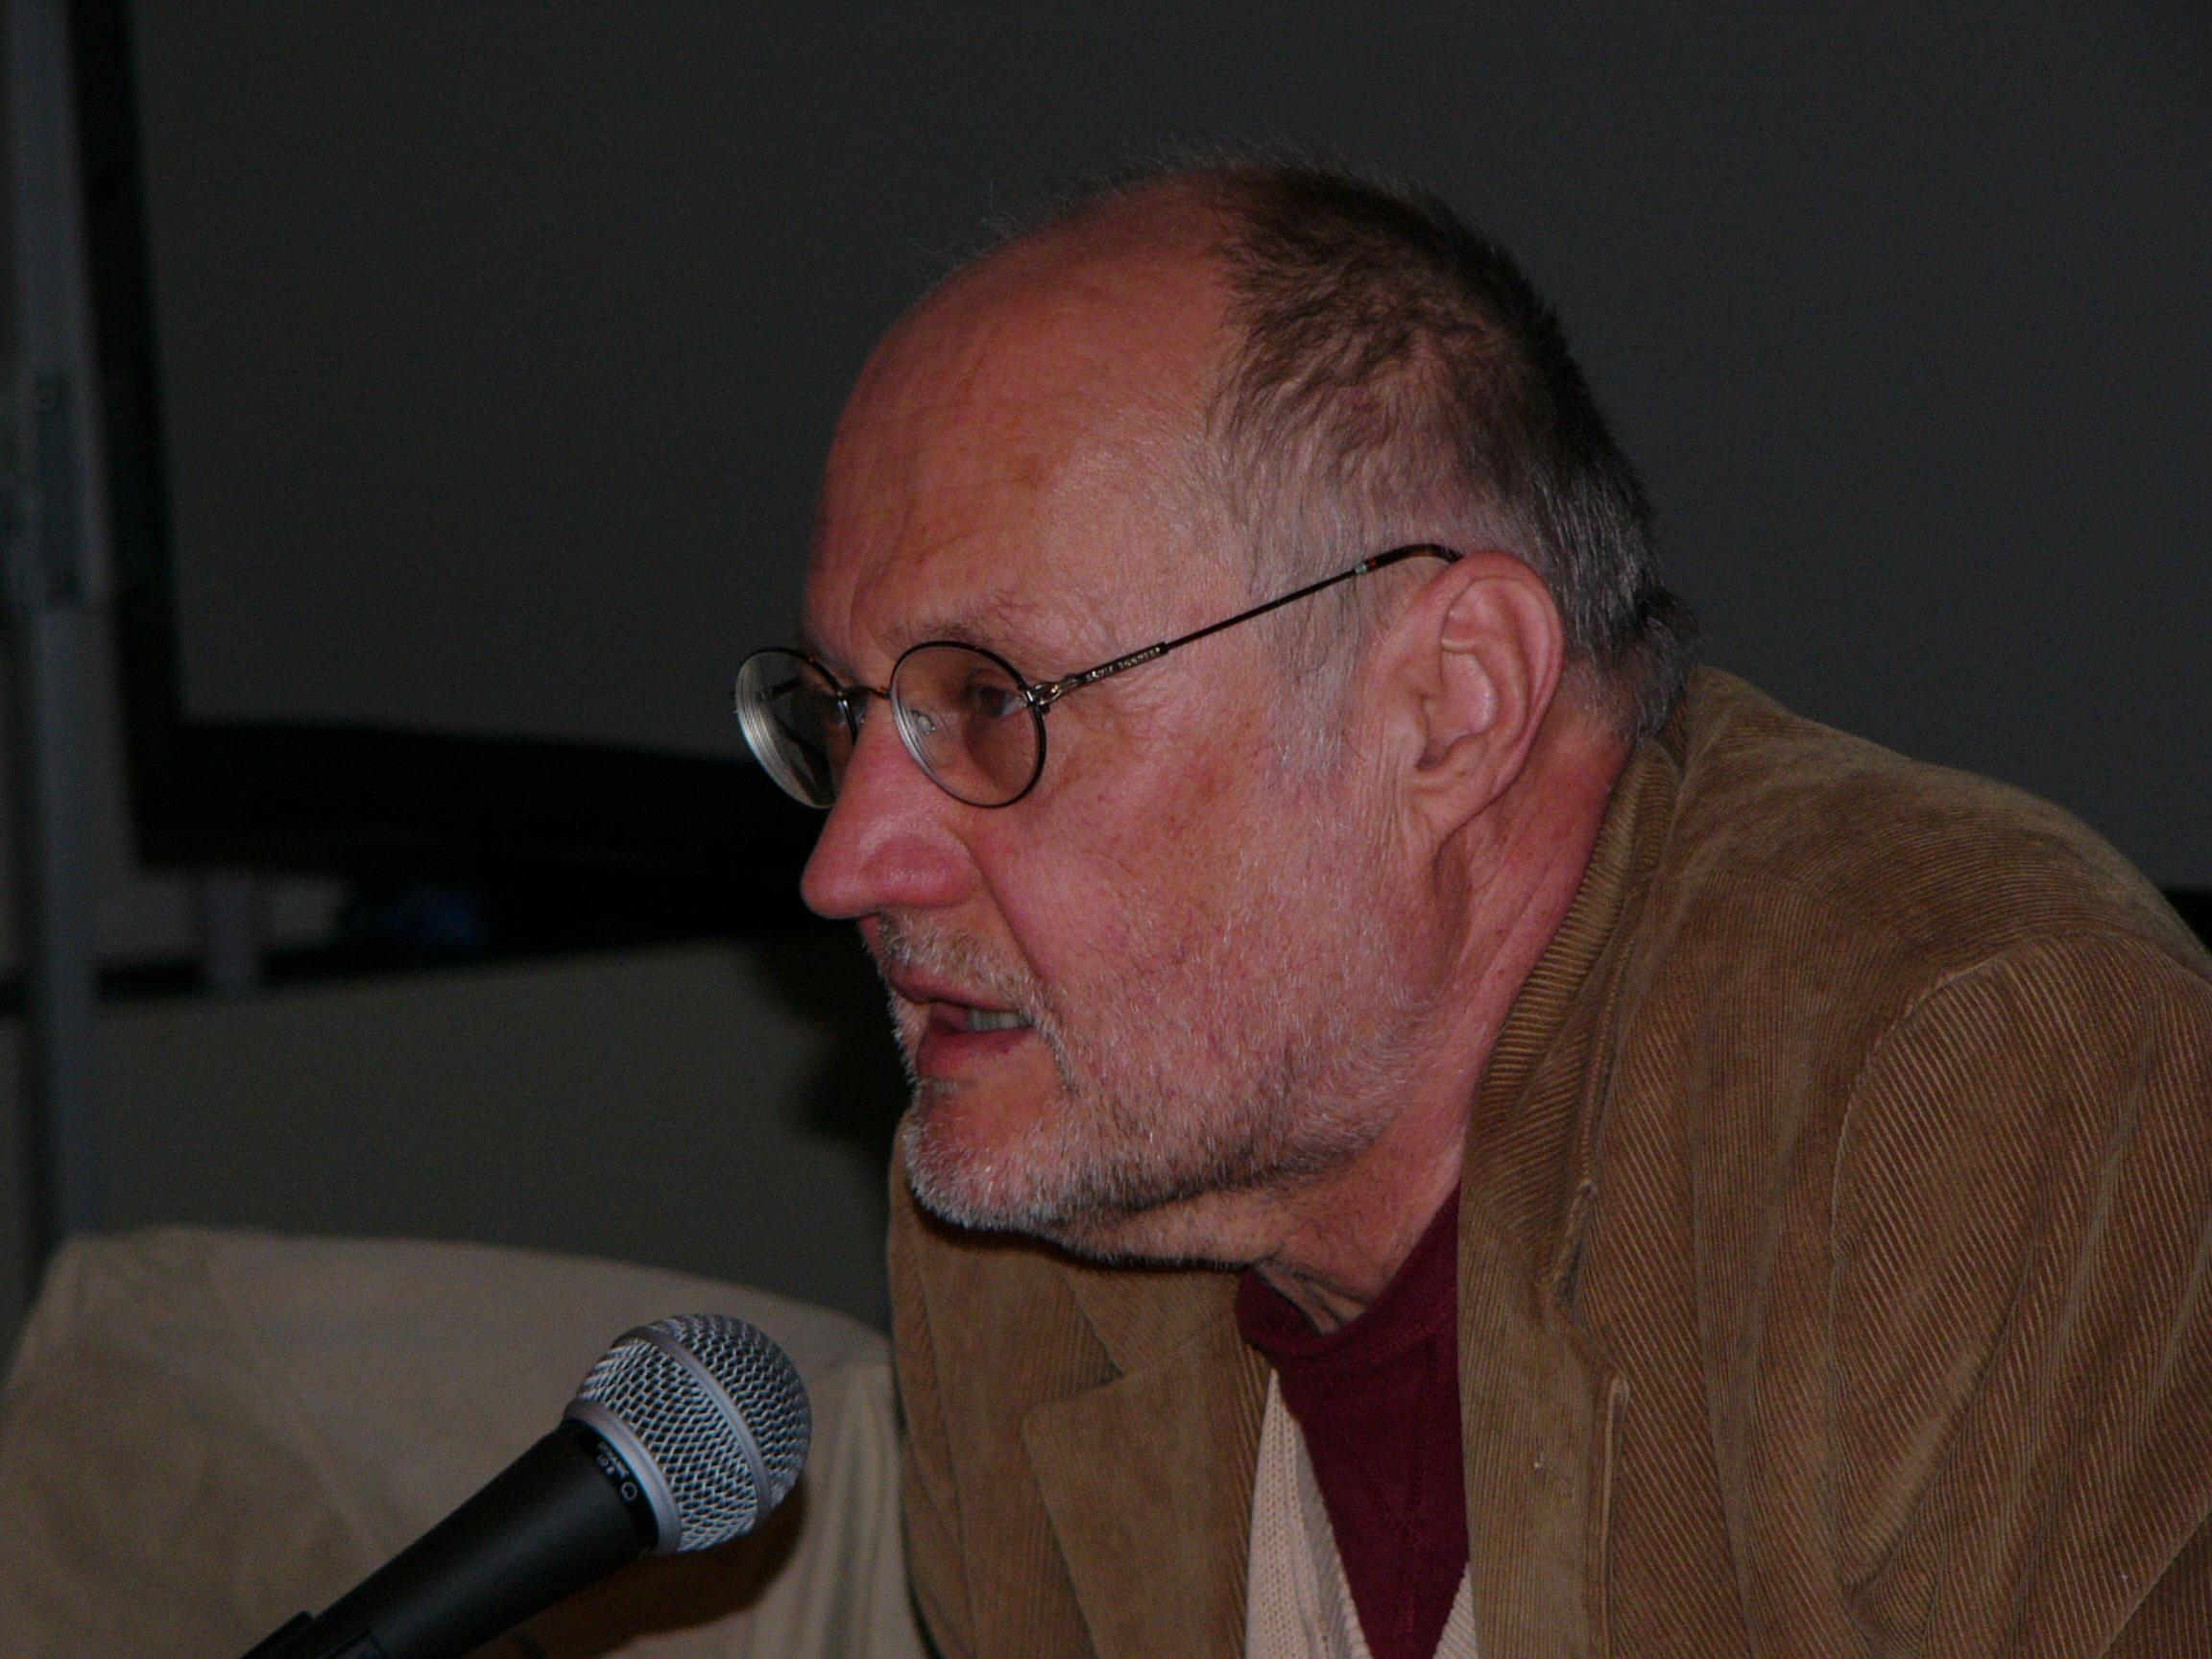 http://upload.wikimedia.org/wikipedia/commons/f/fc/Vaclav_Belohradsky.jpg